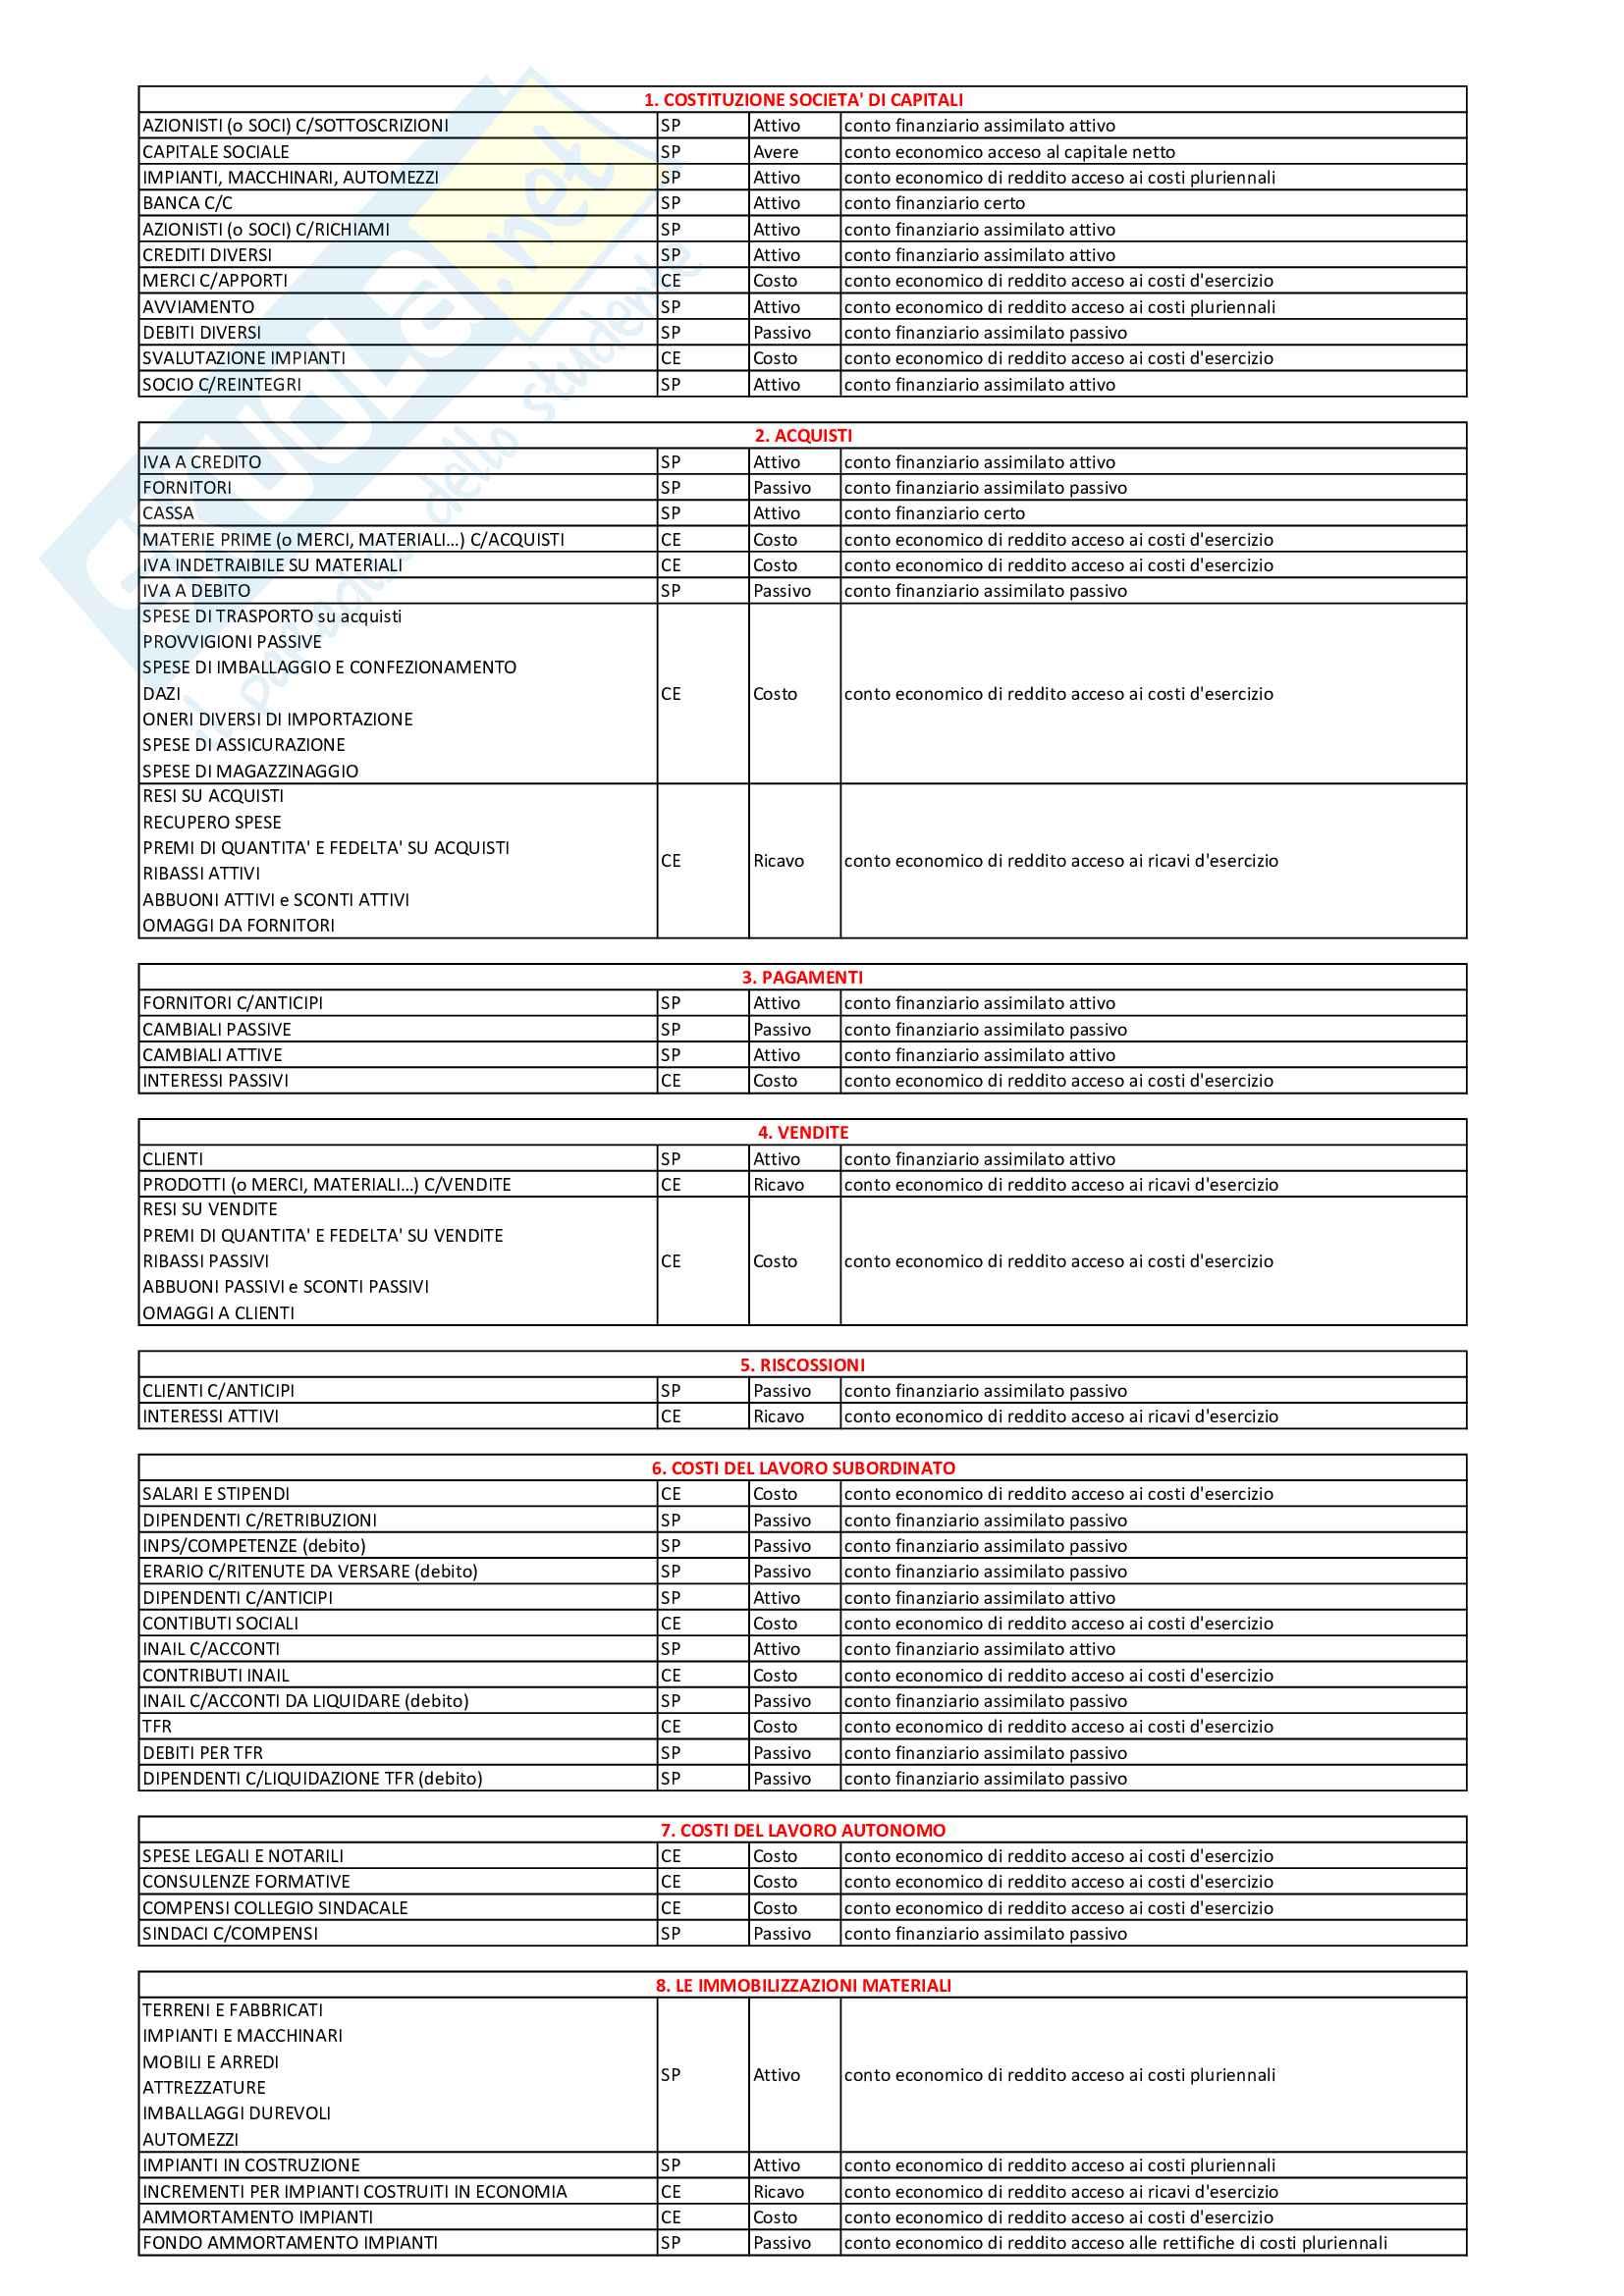 Natura e destinazione dei conti: elenco dettagliato di tutti i conti con relativa natura e collocazione nello Stato Patrimoniale o Conto Economico, esame di Ragioneria Generale